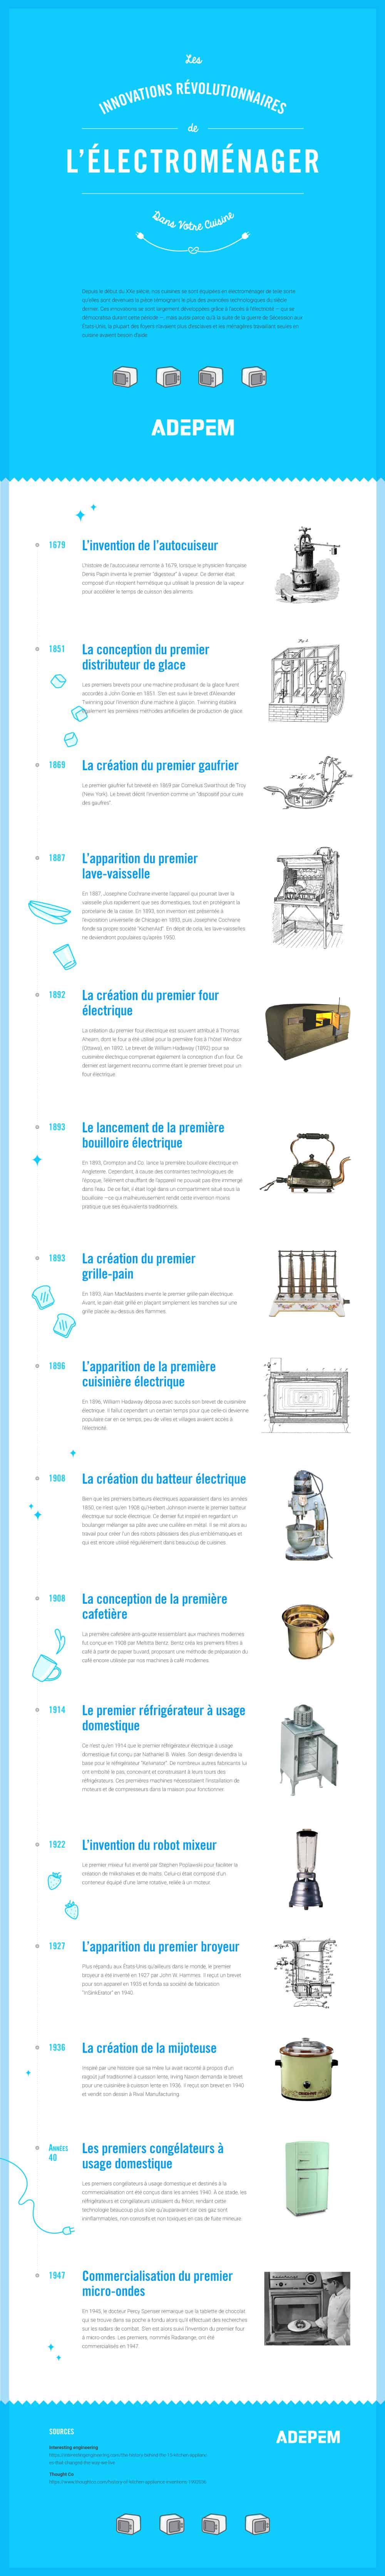 Les innovations révolutionnaires de l'électroménager dans votre cuisine (infographie)